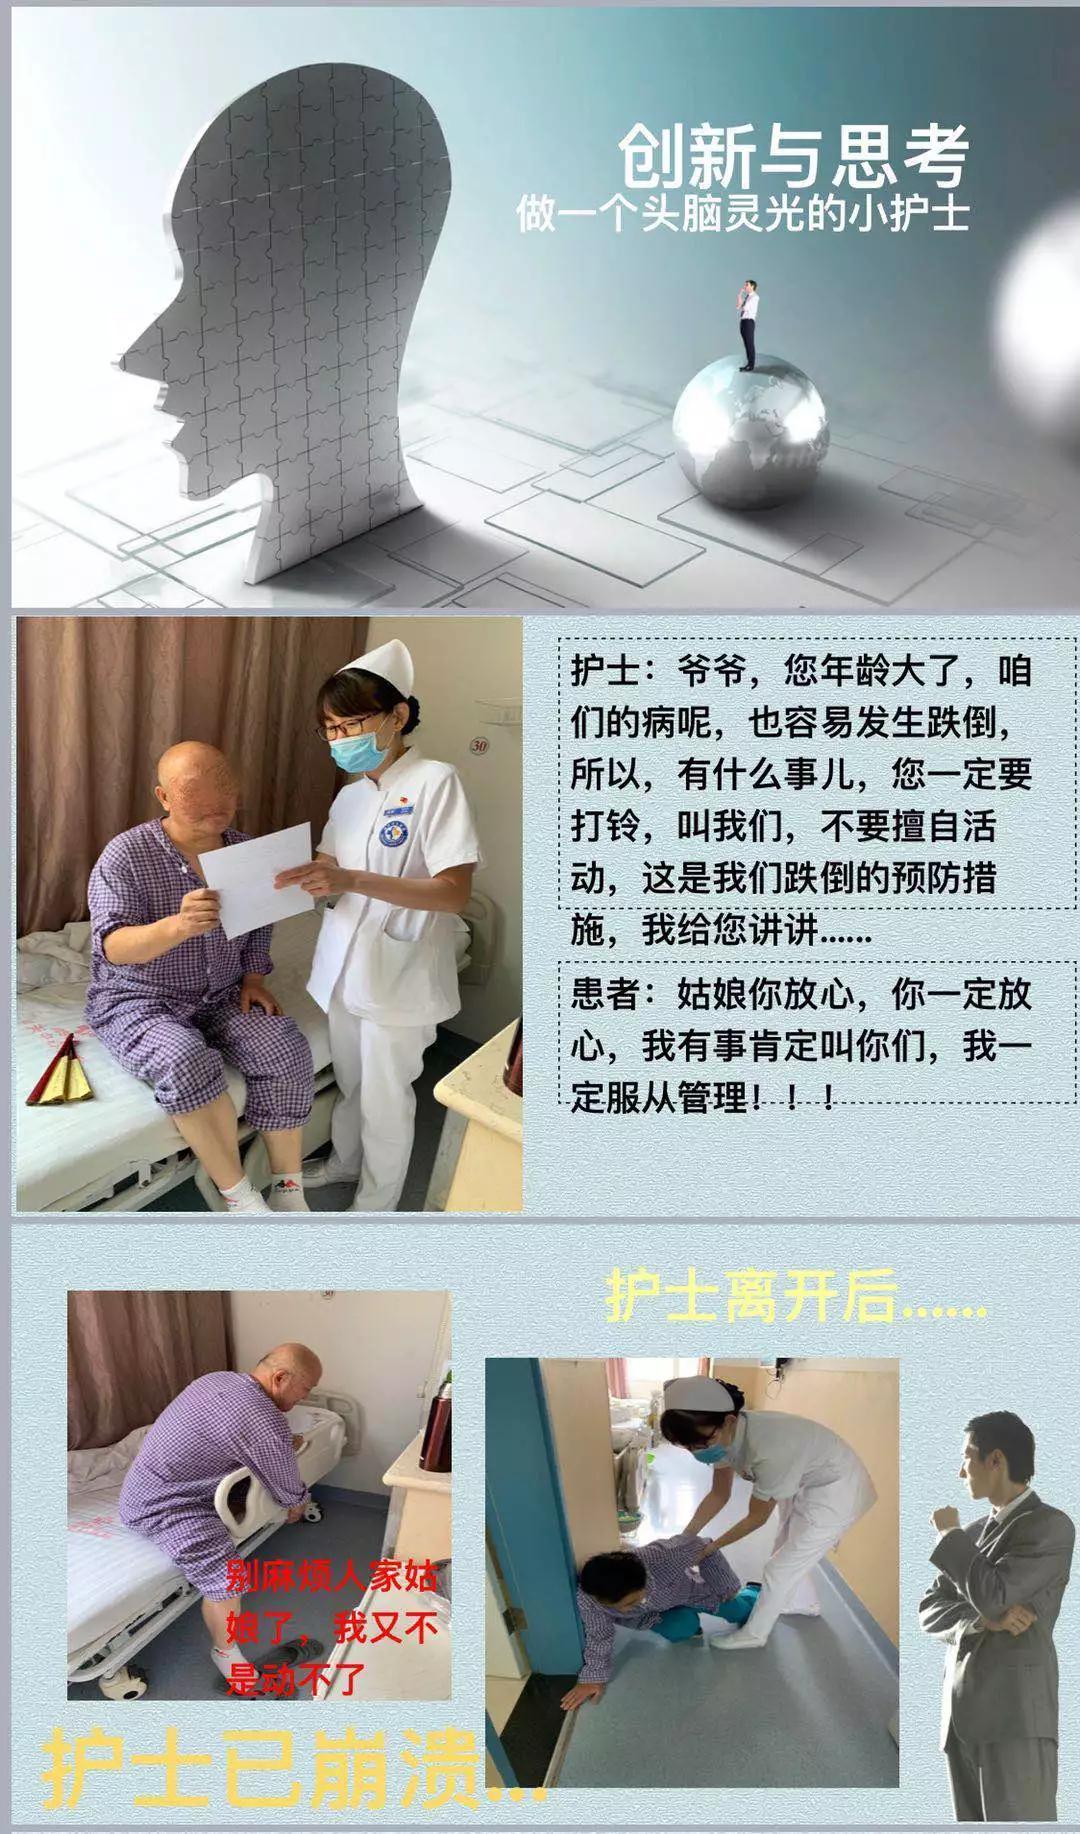 """【智慧病房新看点】这个医院竟然如此""""防跌倒""""?!"""